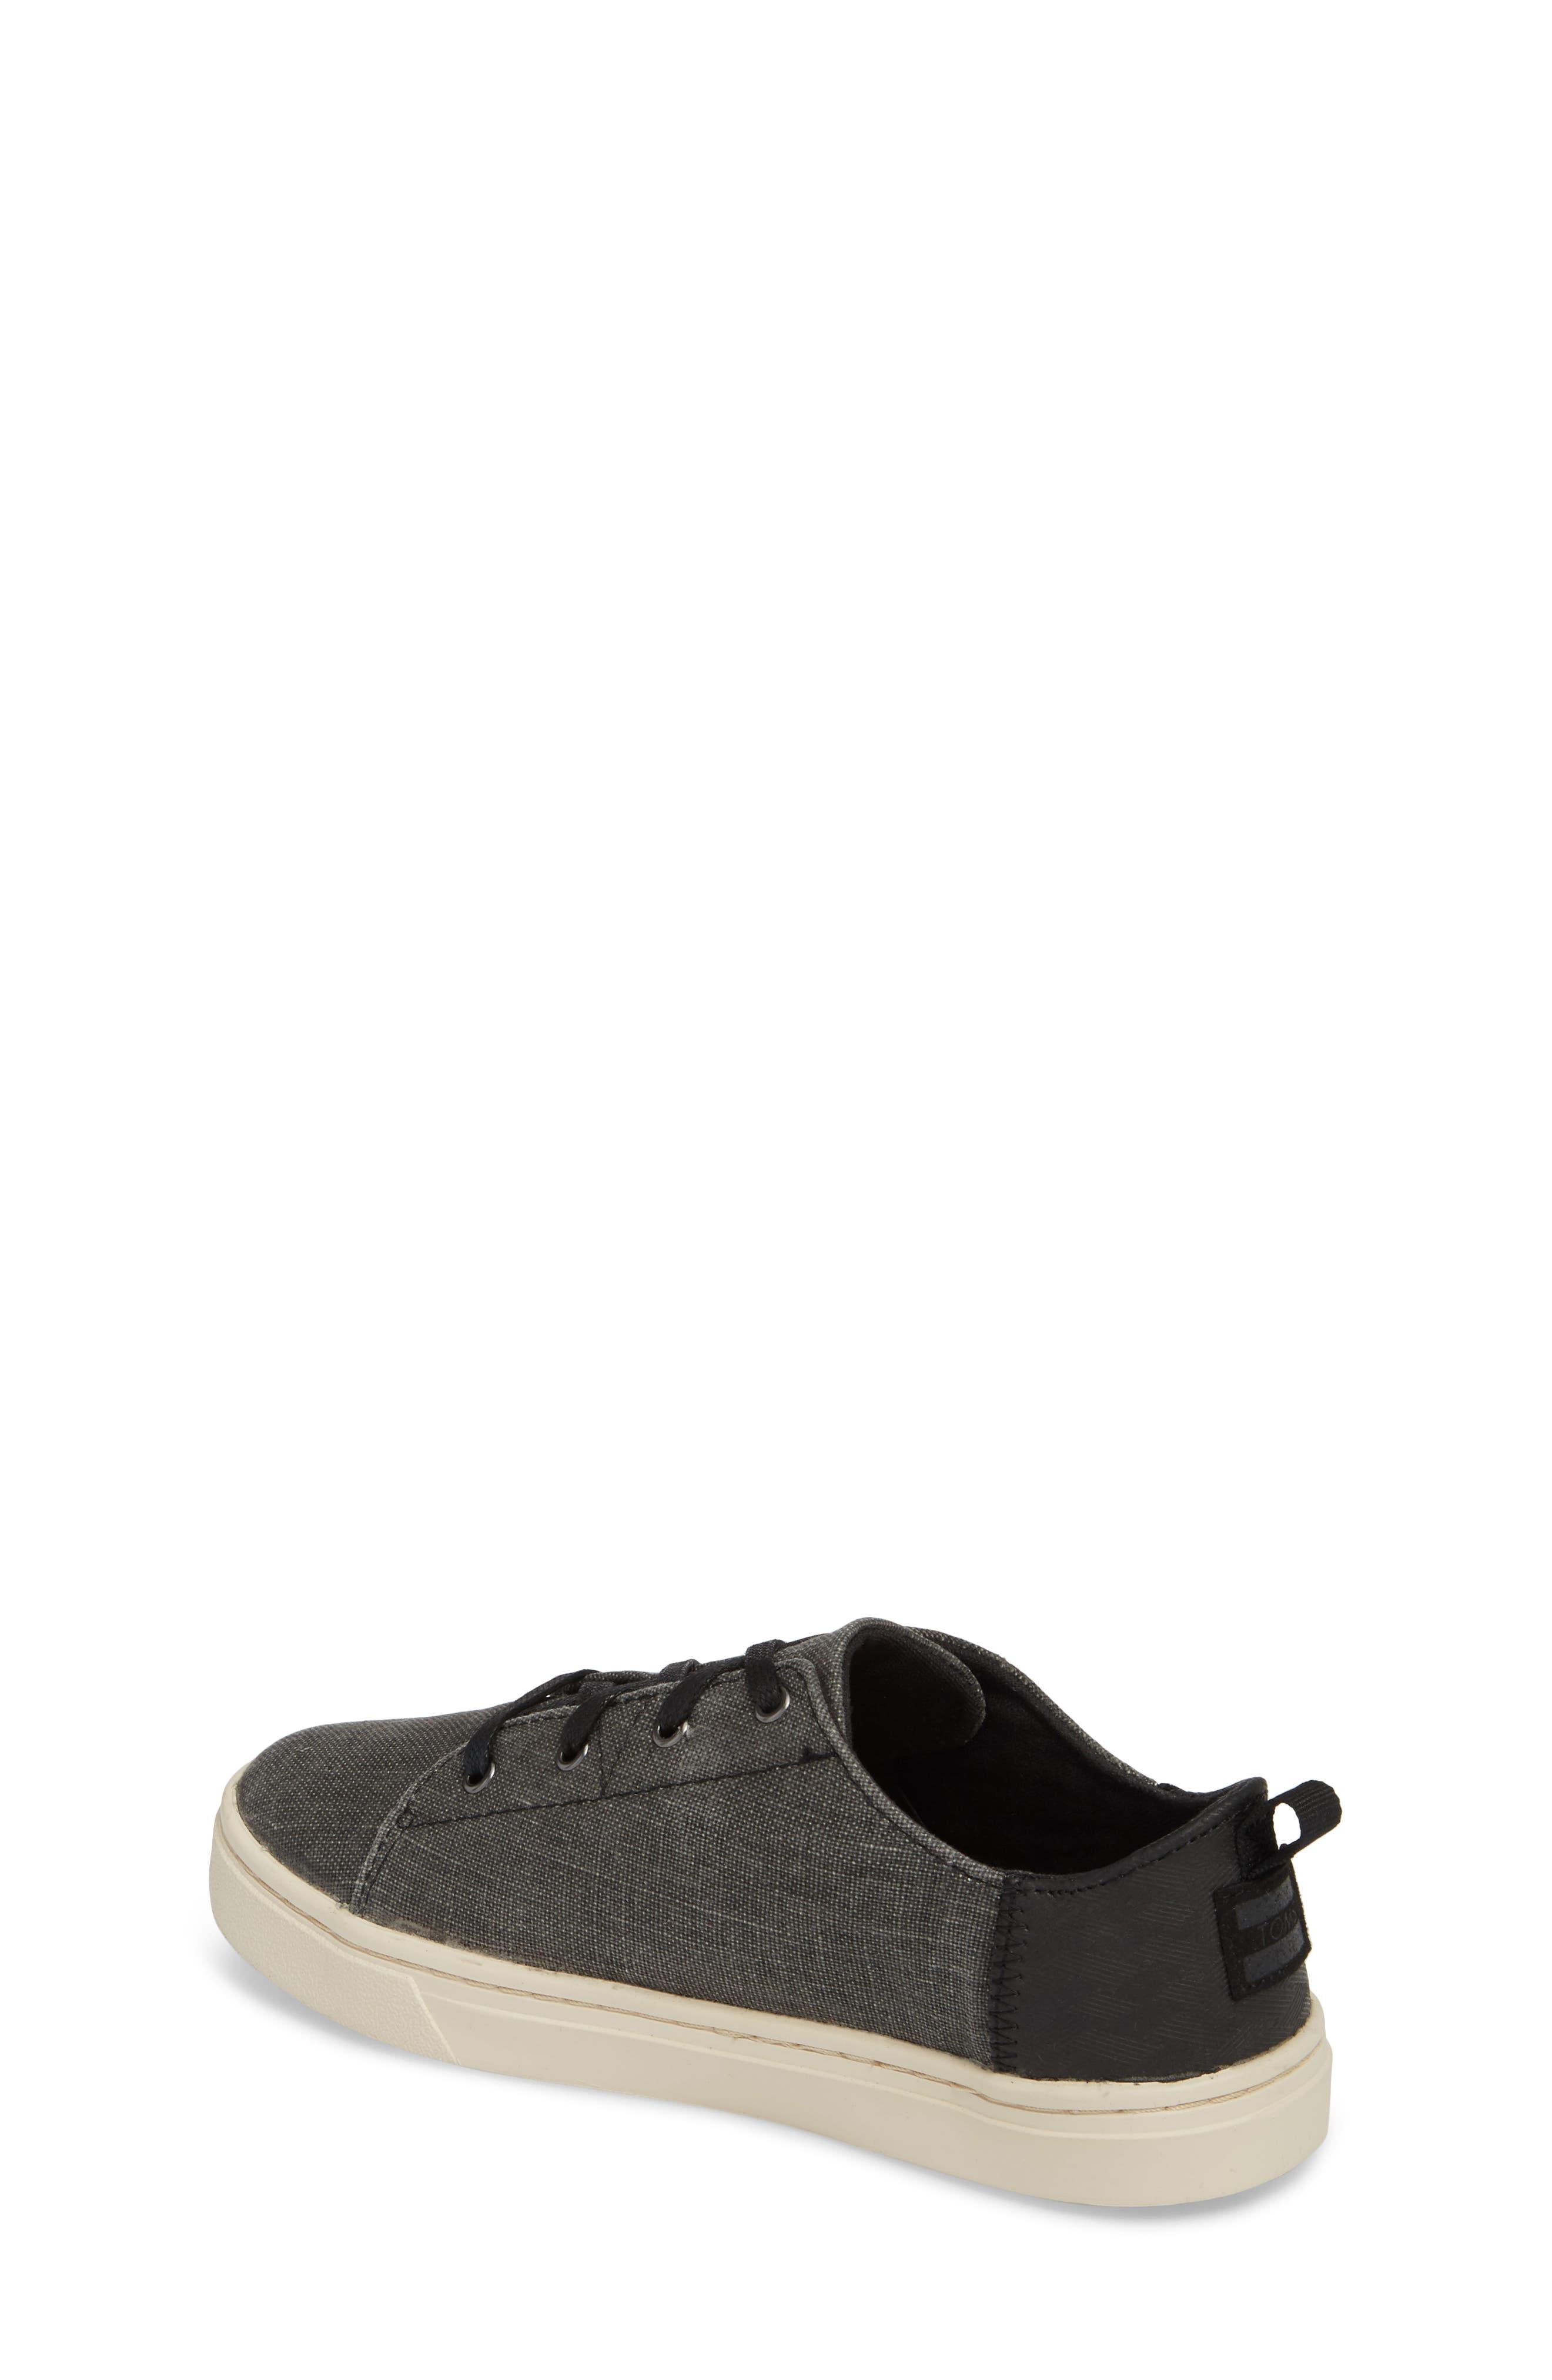 Lenny Sneaker,                             Alternate thumbnail 2, color,                             001